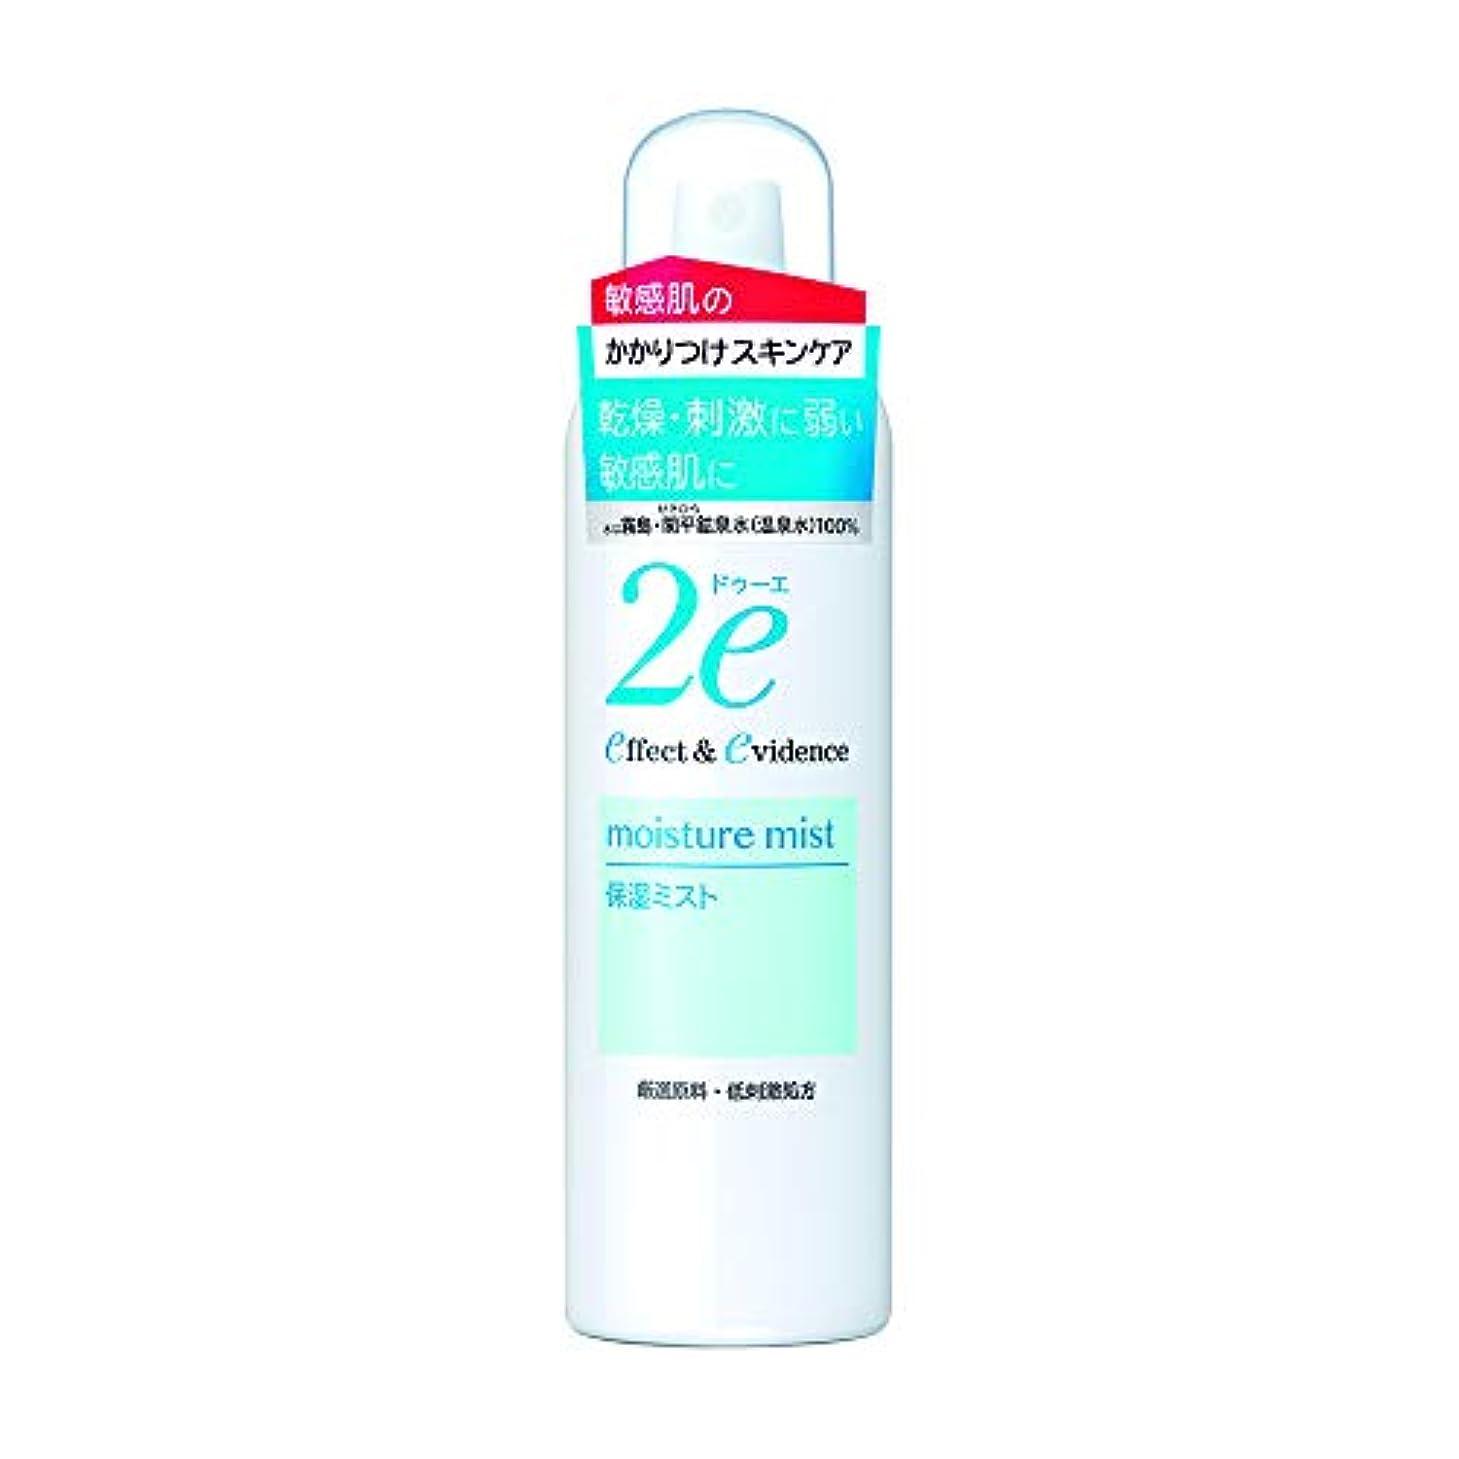 プロトタイプ靴下セブン2e(ドゥーエ) ドゥーエ 保湿ミスト 化粧水 180g